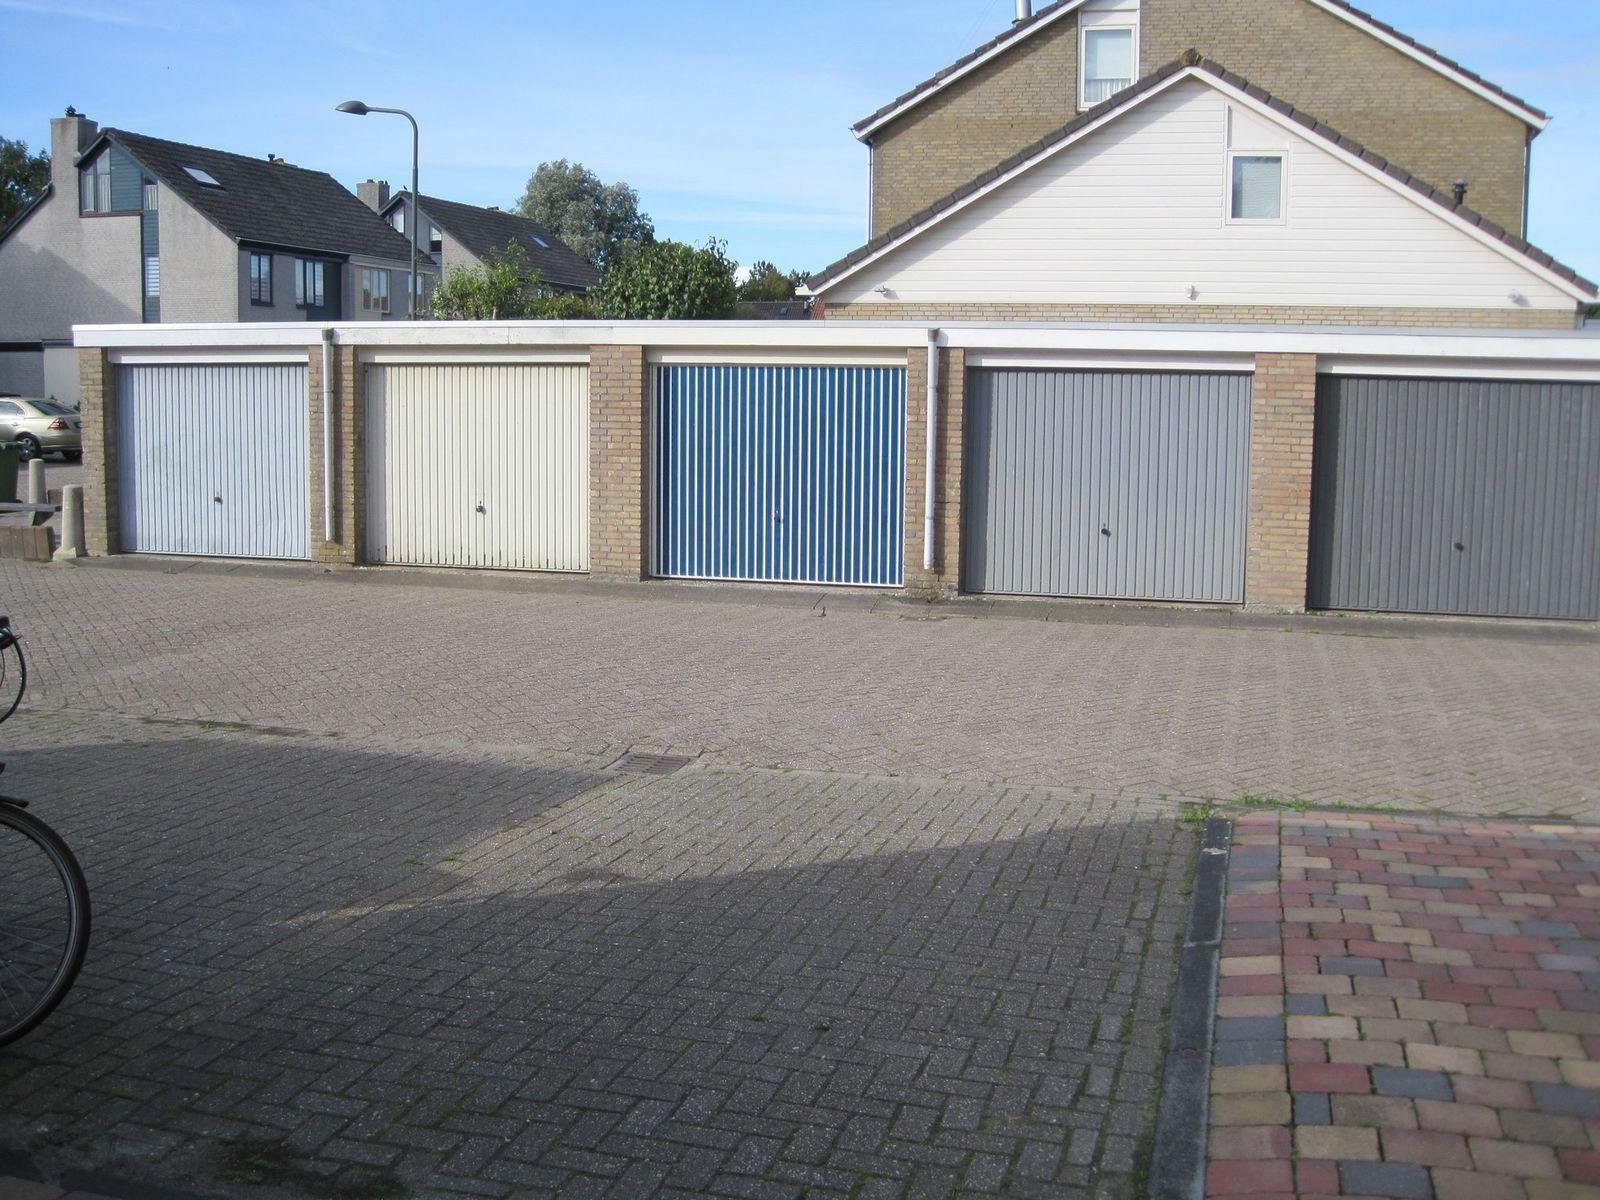 A.S. Talmaplein 0-ong, Franeker